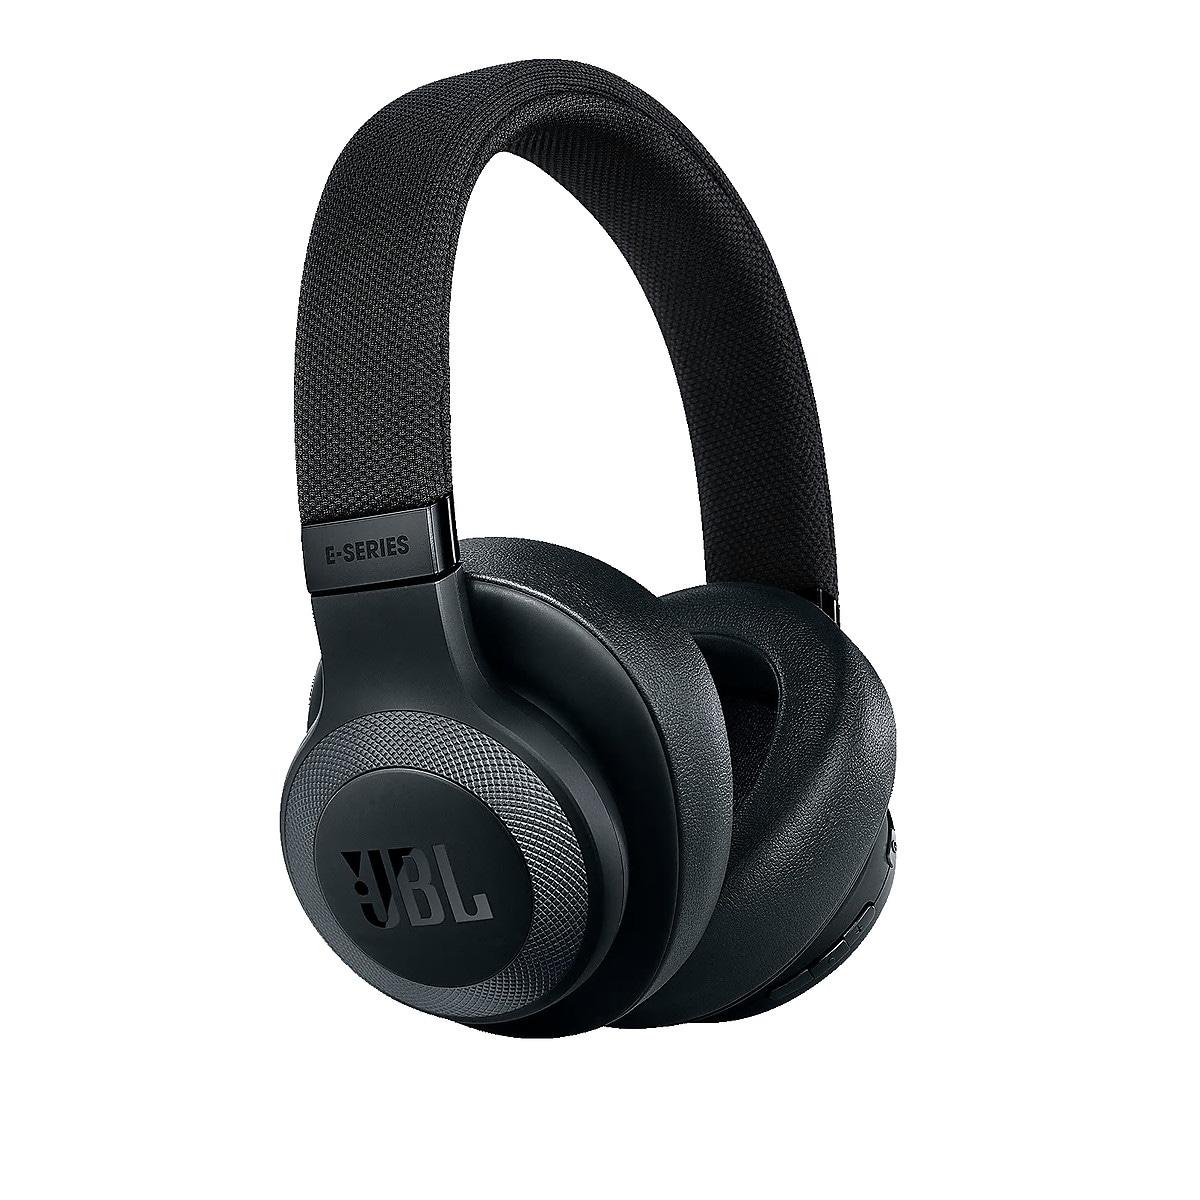 Brusreducerande hörlurar JBL E65BT NC